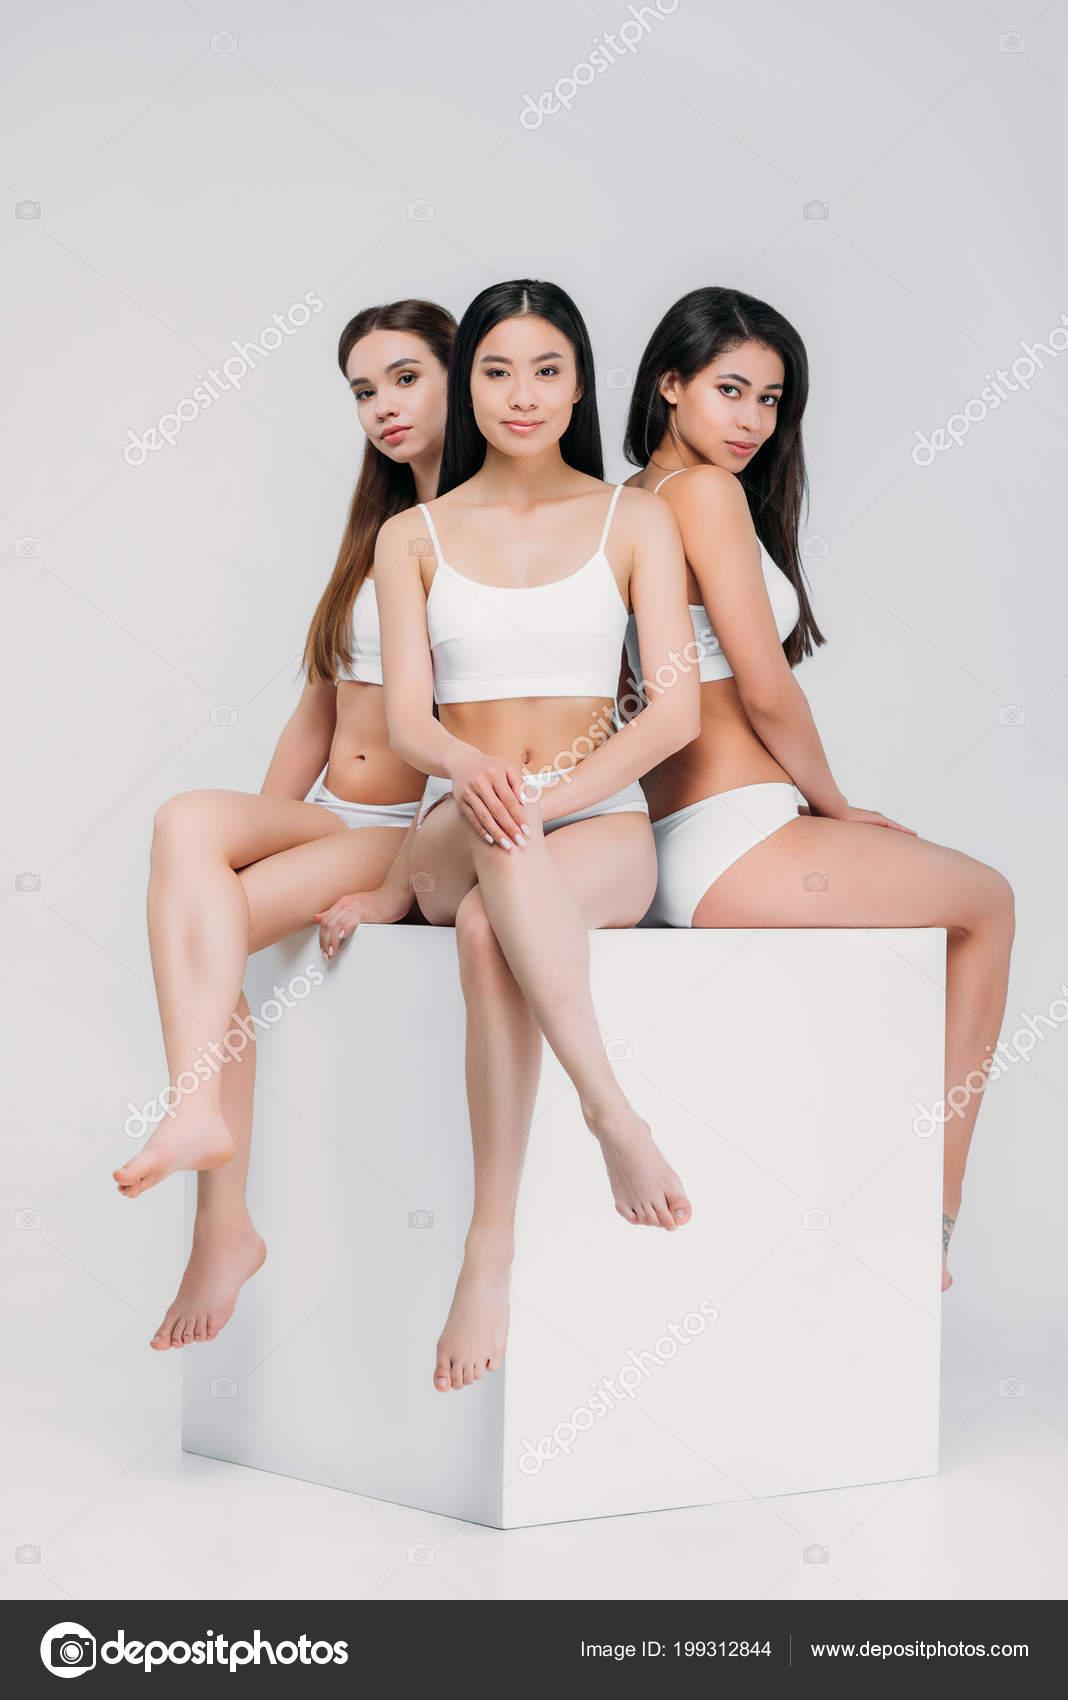 796ae3e0ac99 Multiétnicas Chicas Ropa Interior Sentada Cubo Blanco Aislado Gris ...